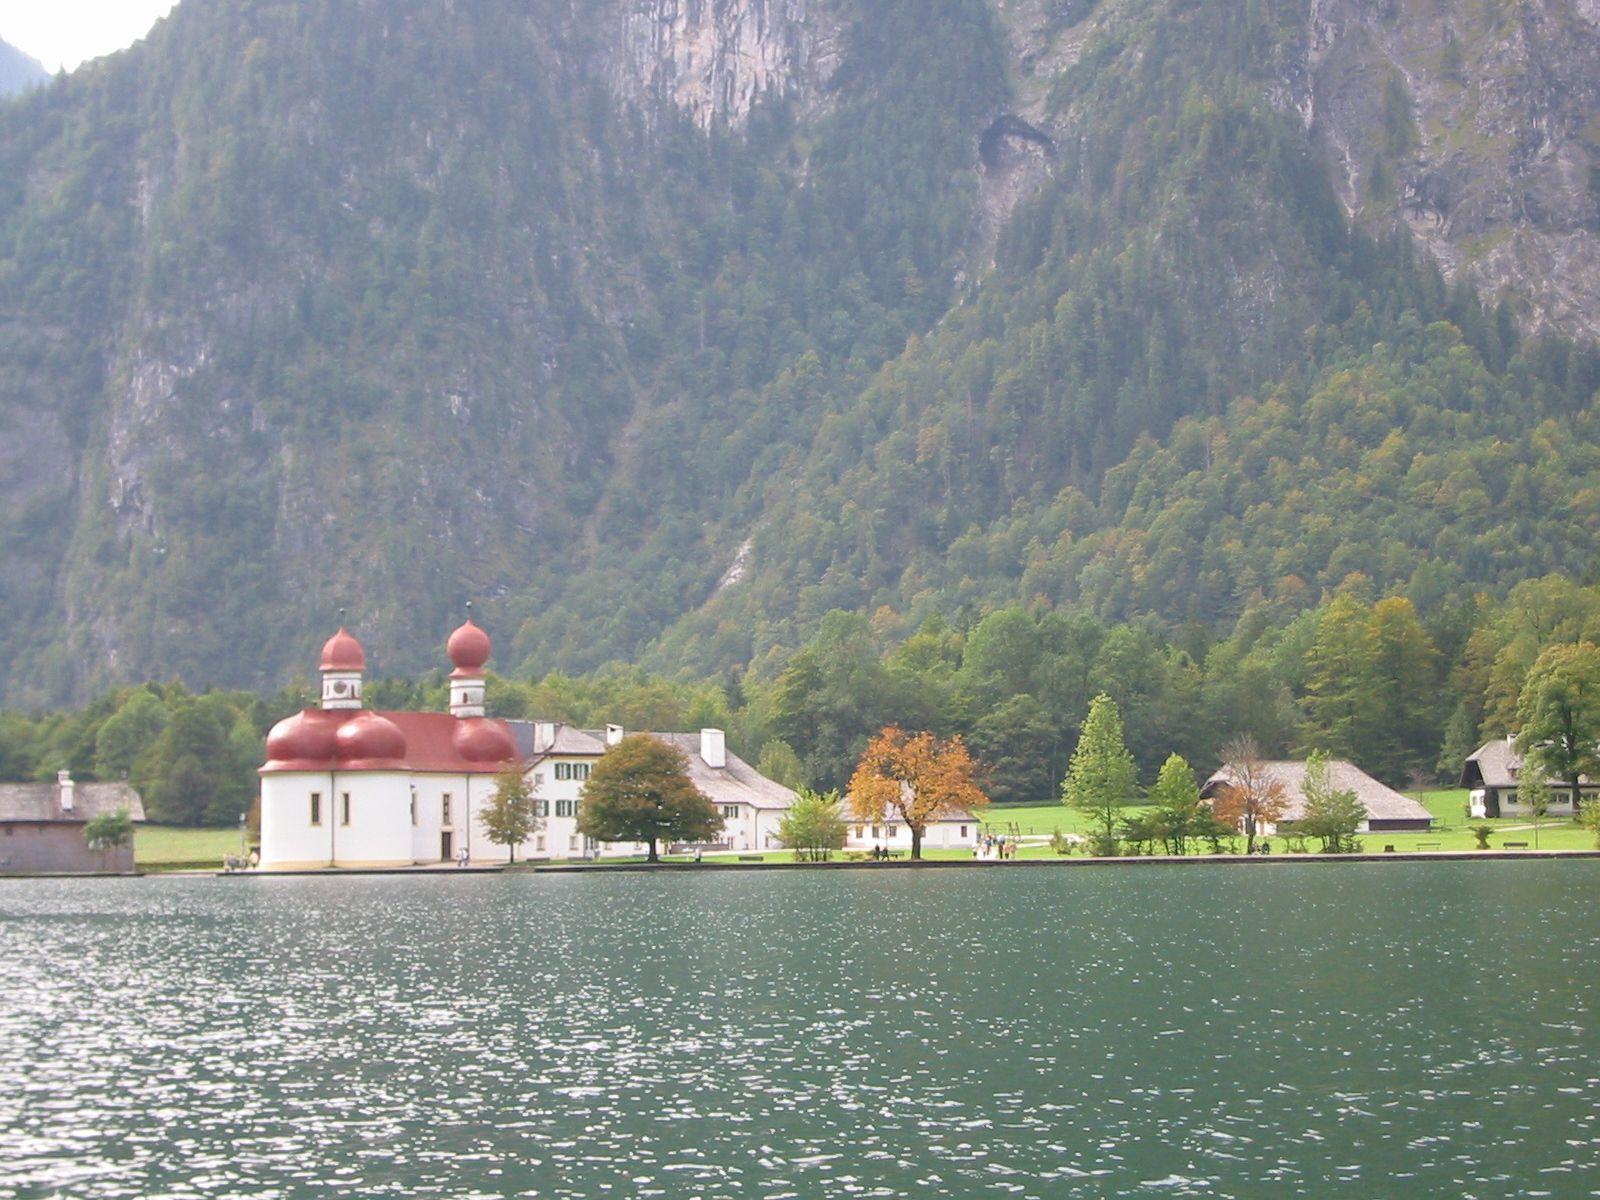 Pilgrimage Chapel of St. Bartholomew, Lake Konigsee, Germany